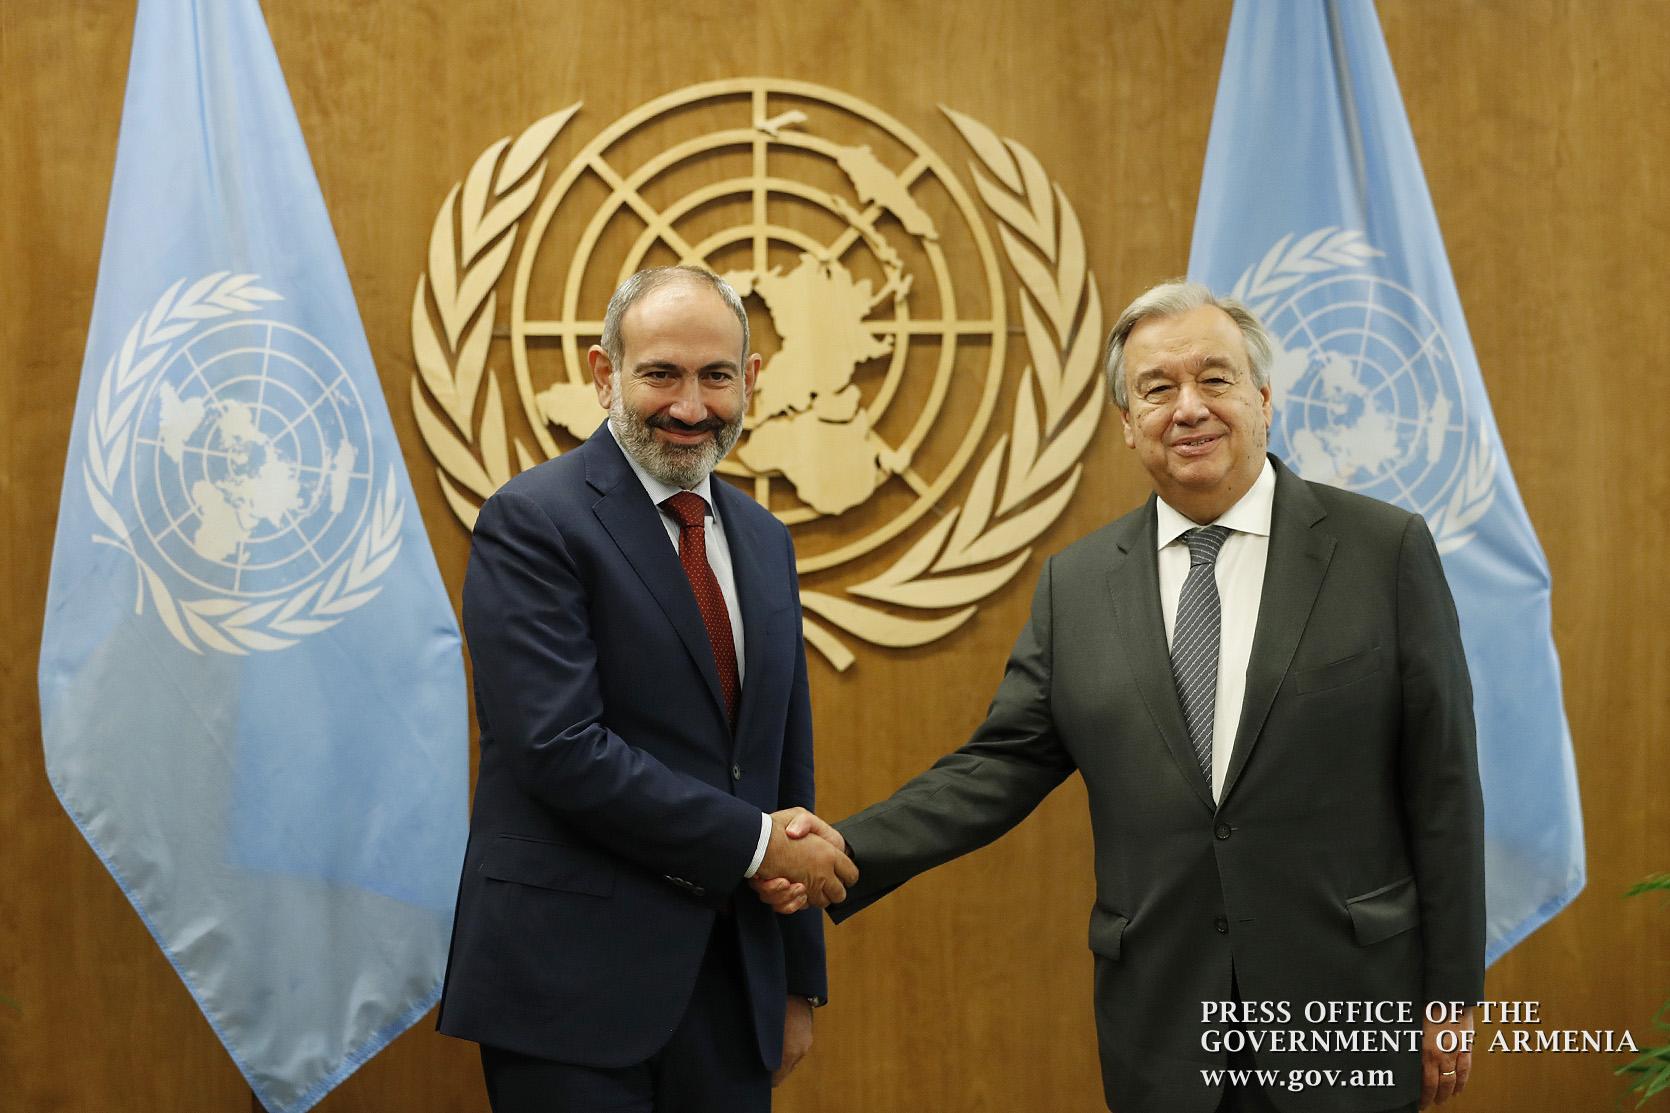 Pashinyan UN